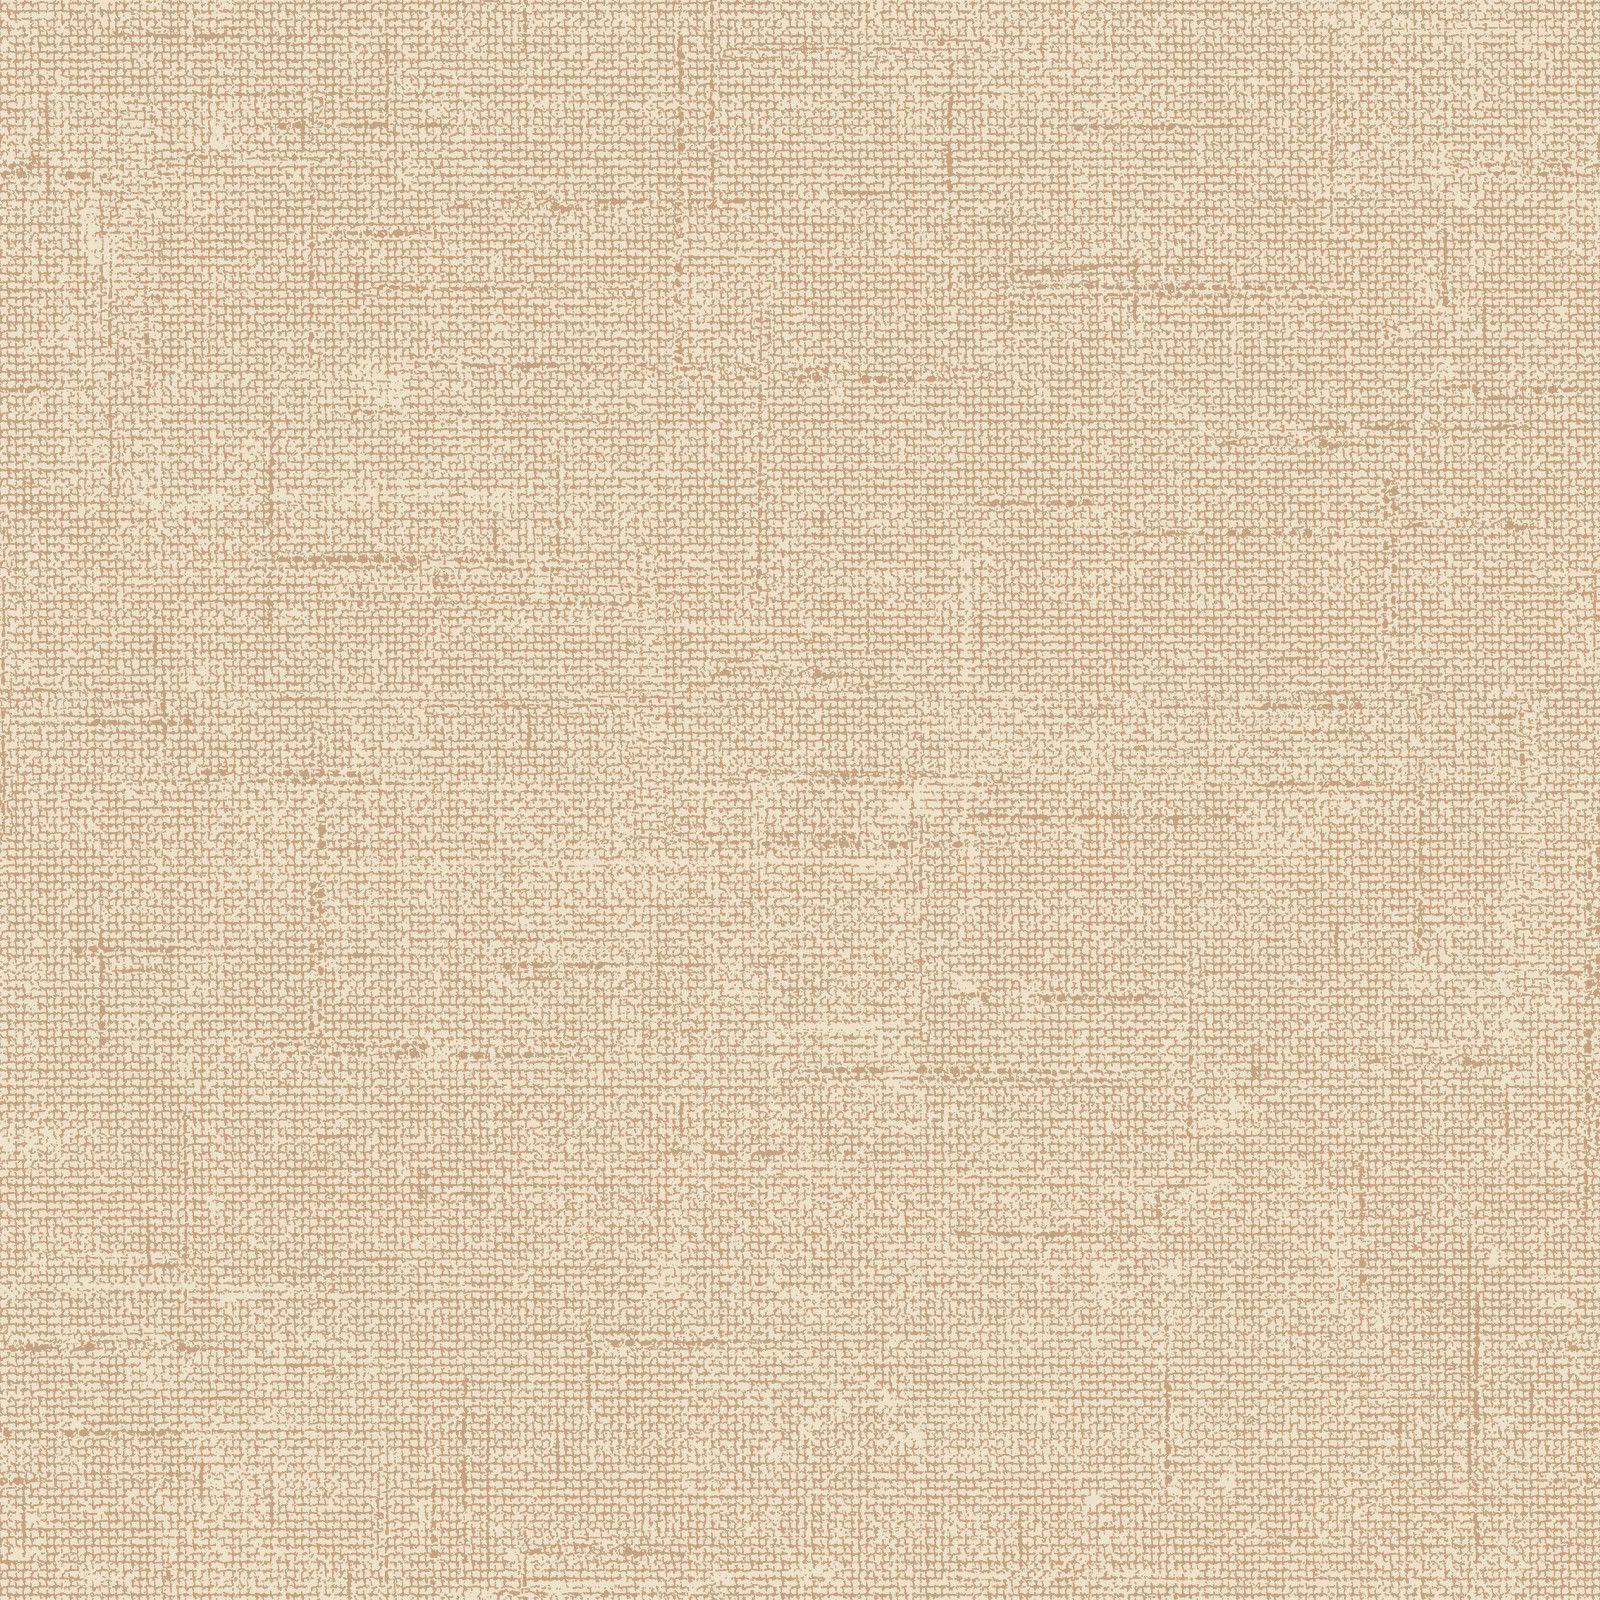 Burlap Natural Textured Self Adhesive Wallpaper By Tempaper Burlap Wallpaper Removable Wallpaper Temporary Wallpaper